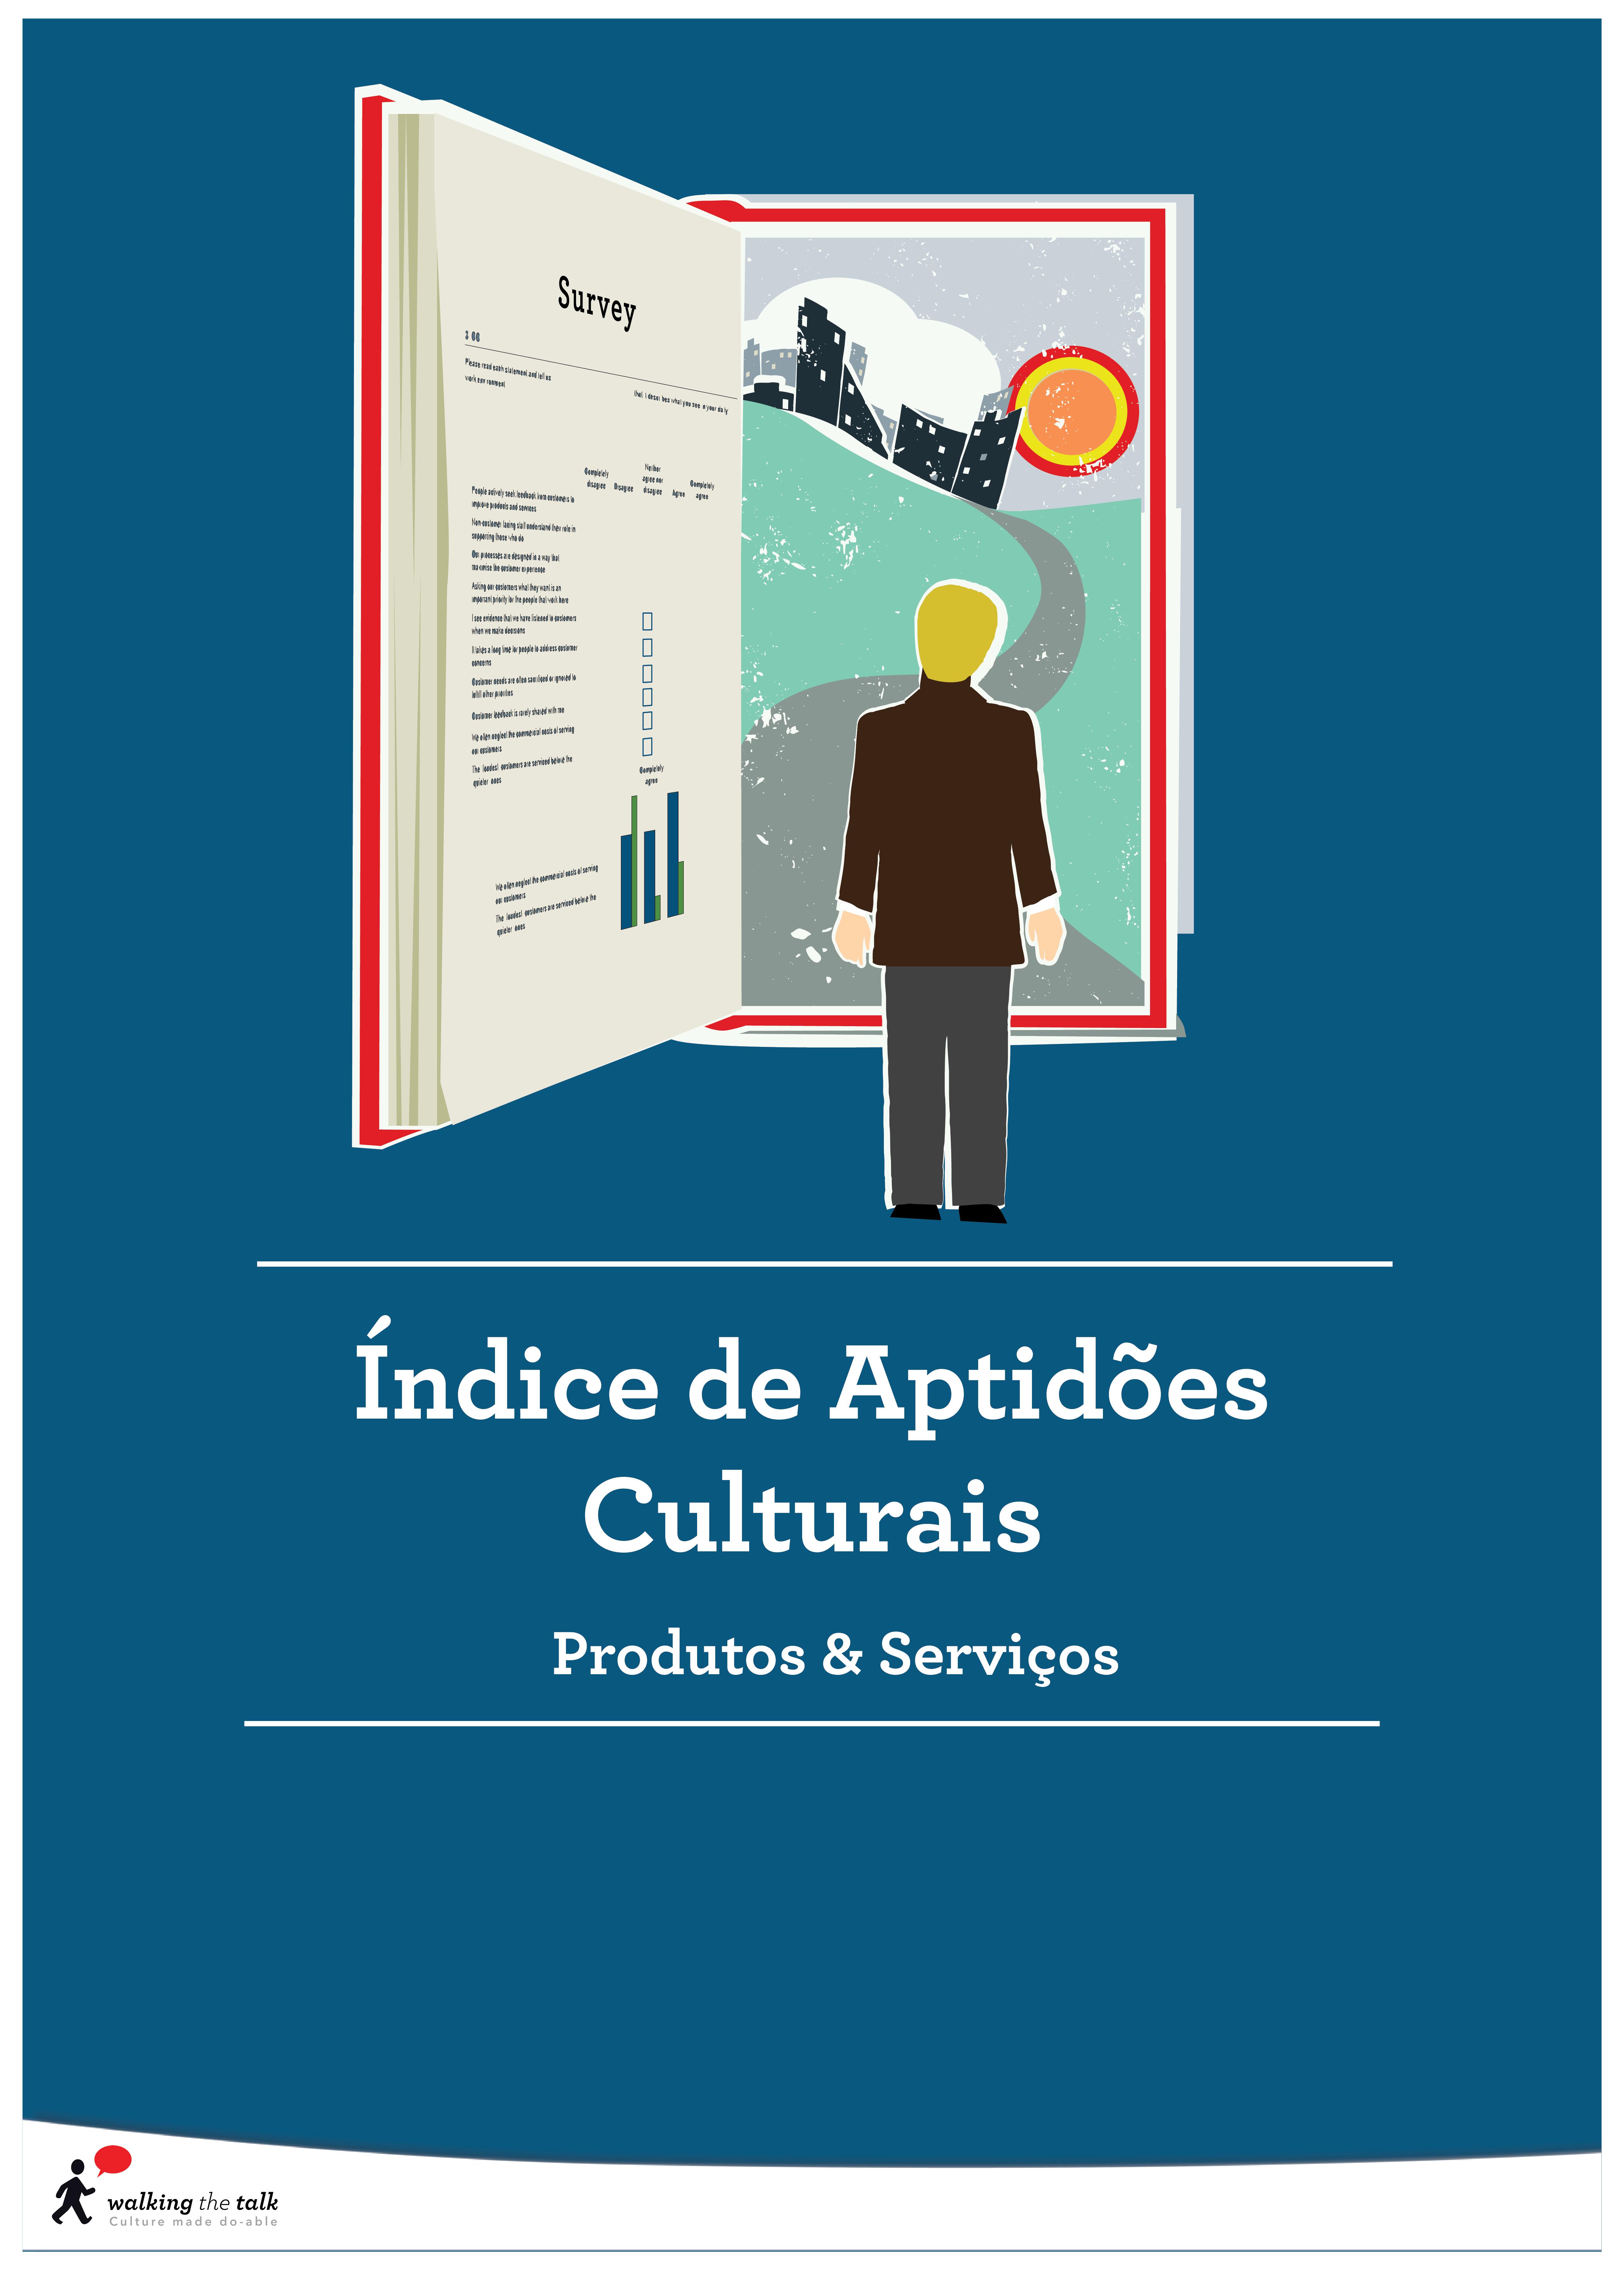 ÍNDICE DE APTIDÕES CULTURAIS (CCI)